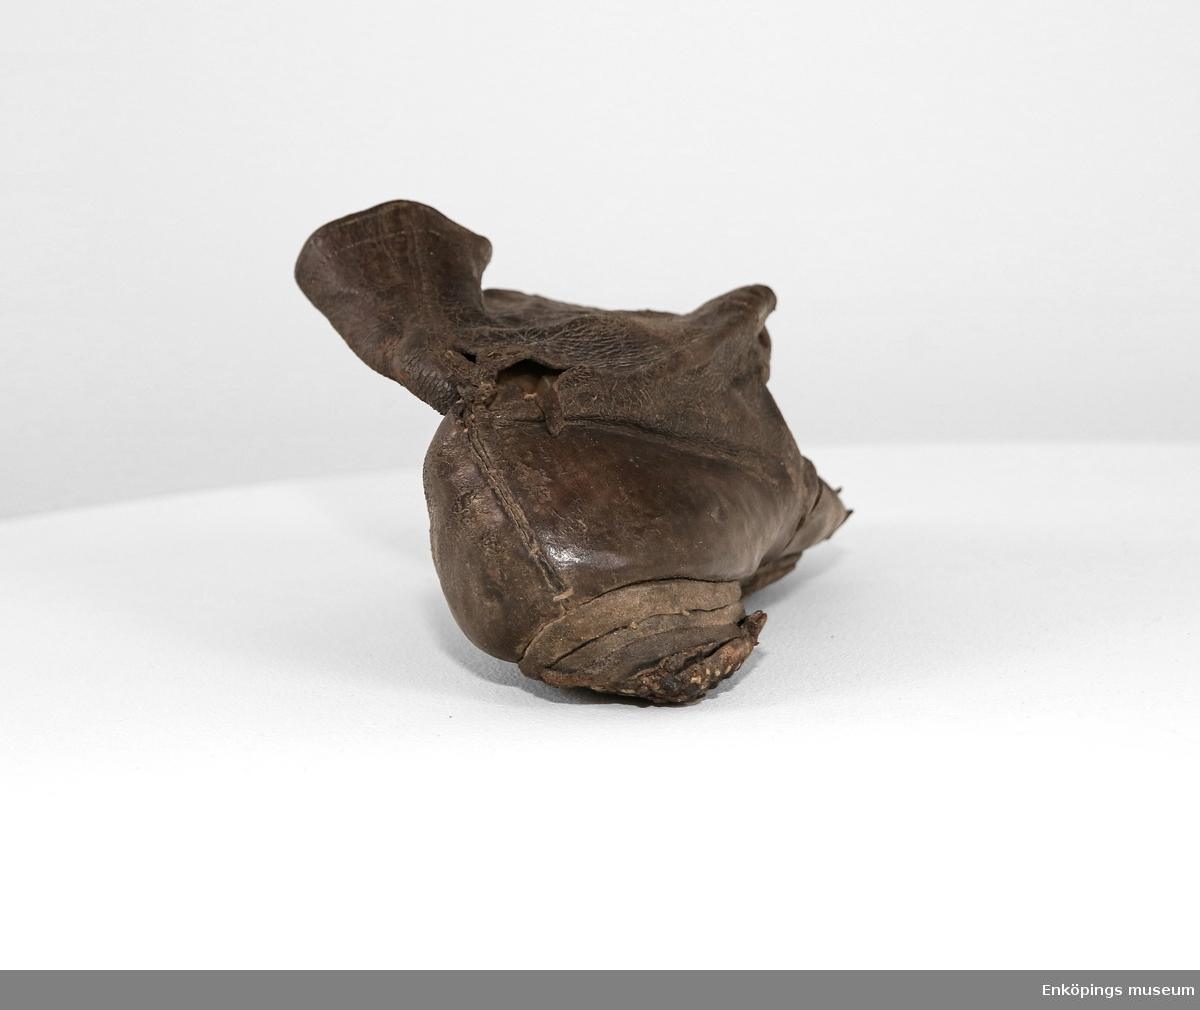 Känga av brunt läder med snörning framtill (saknar plös), tillverkad av två stycken, 9 par förstärkta snörhål. Har haft liten klack, sula och klackpliggade fast vid skaftet. Fodrad med beige kyprat bomullstyg och ett beige och lilarandigt tyg. Tillverkad efter 1840.